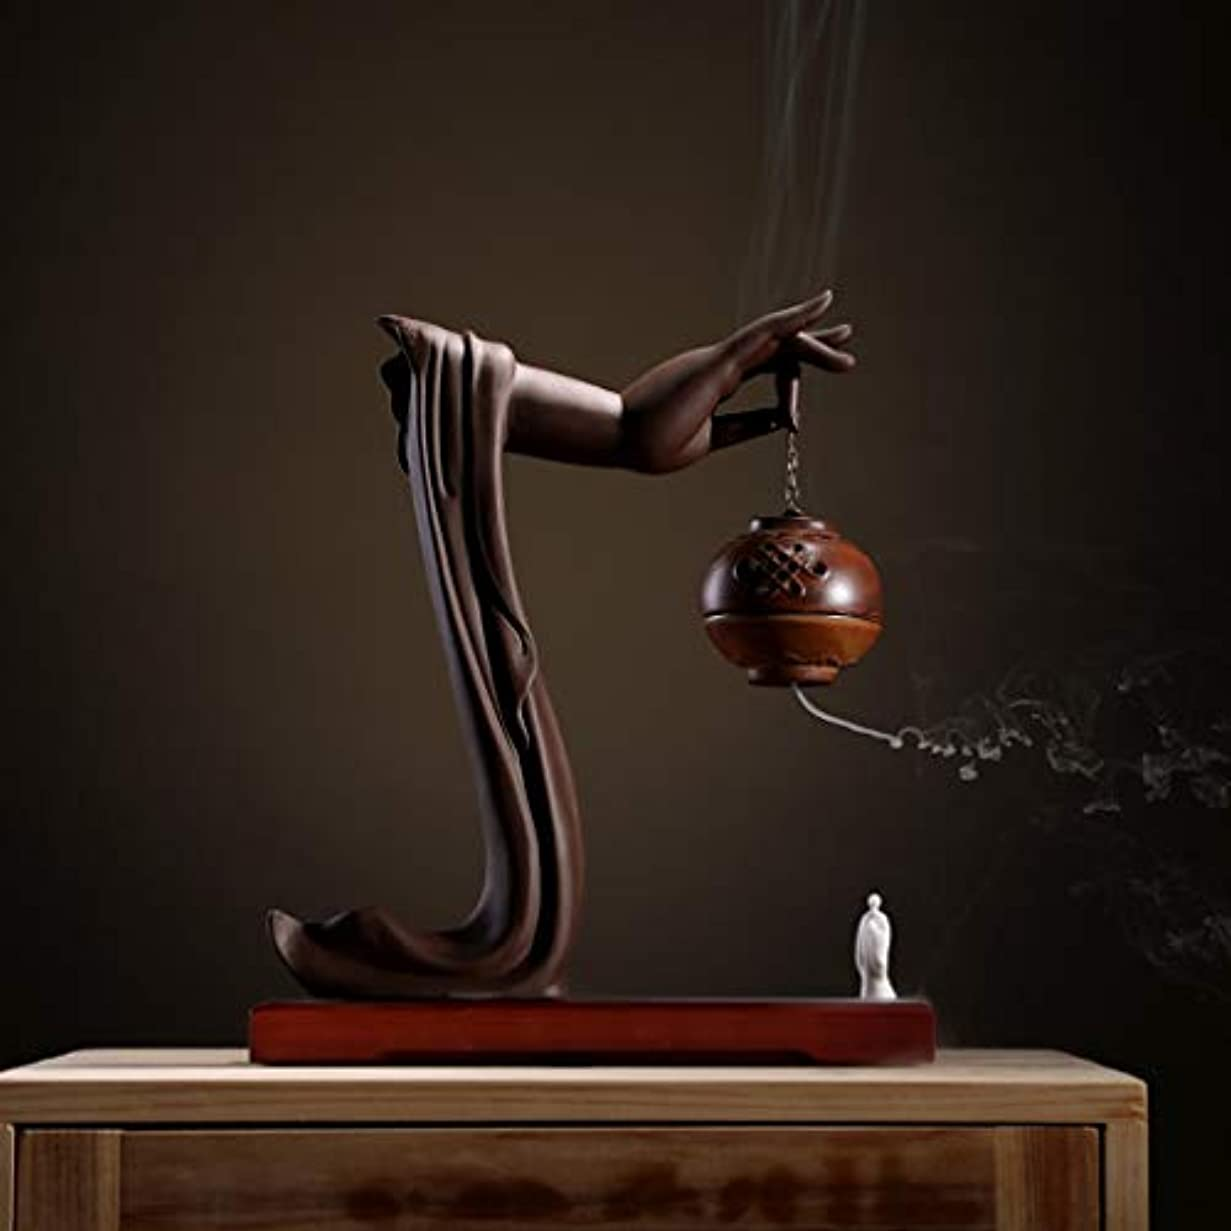 貢献する慣れている対角線手動逆流香バーナーロータス/僧侶逆流香バーナーコーンコーンブラケットホームデスクトップの装飾L28cm×W9.5cm×H33cm (Color : Brown incense burner)